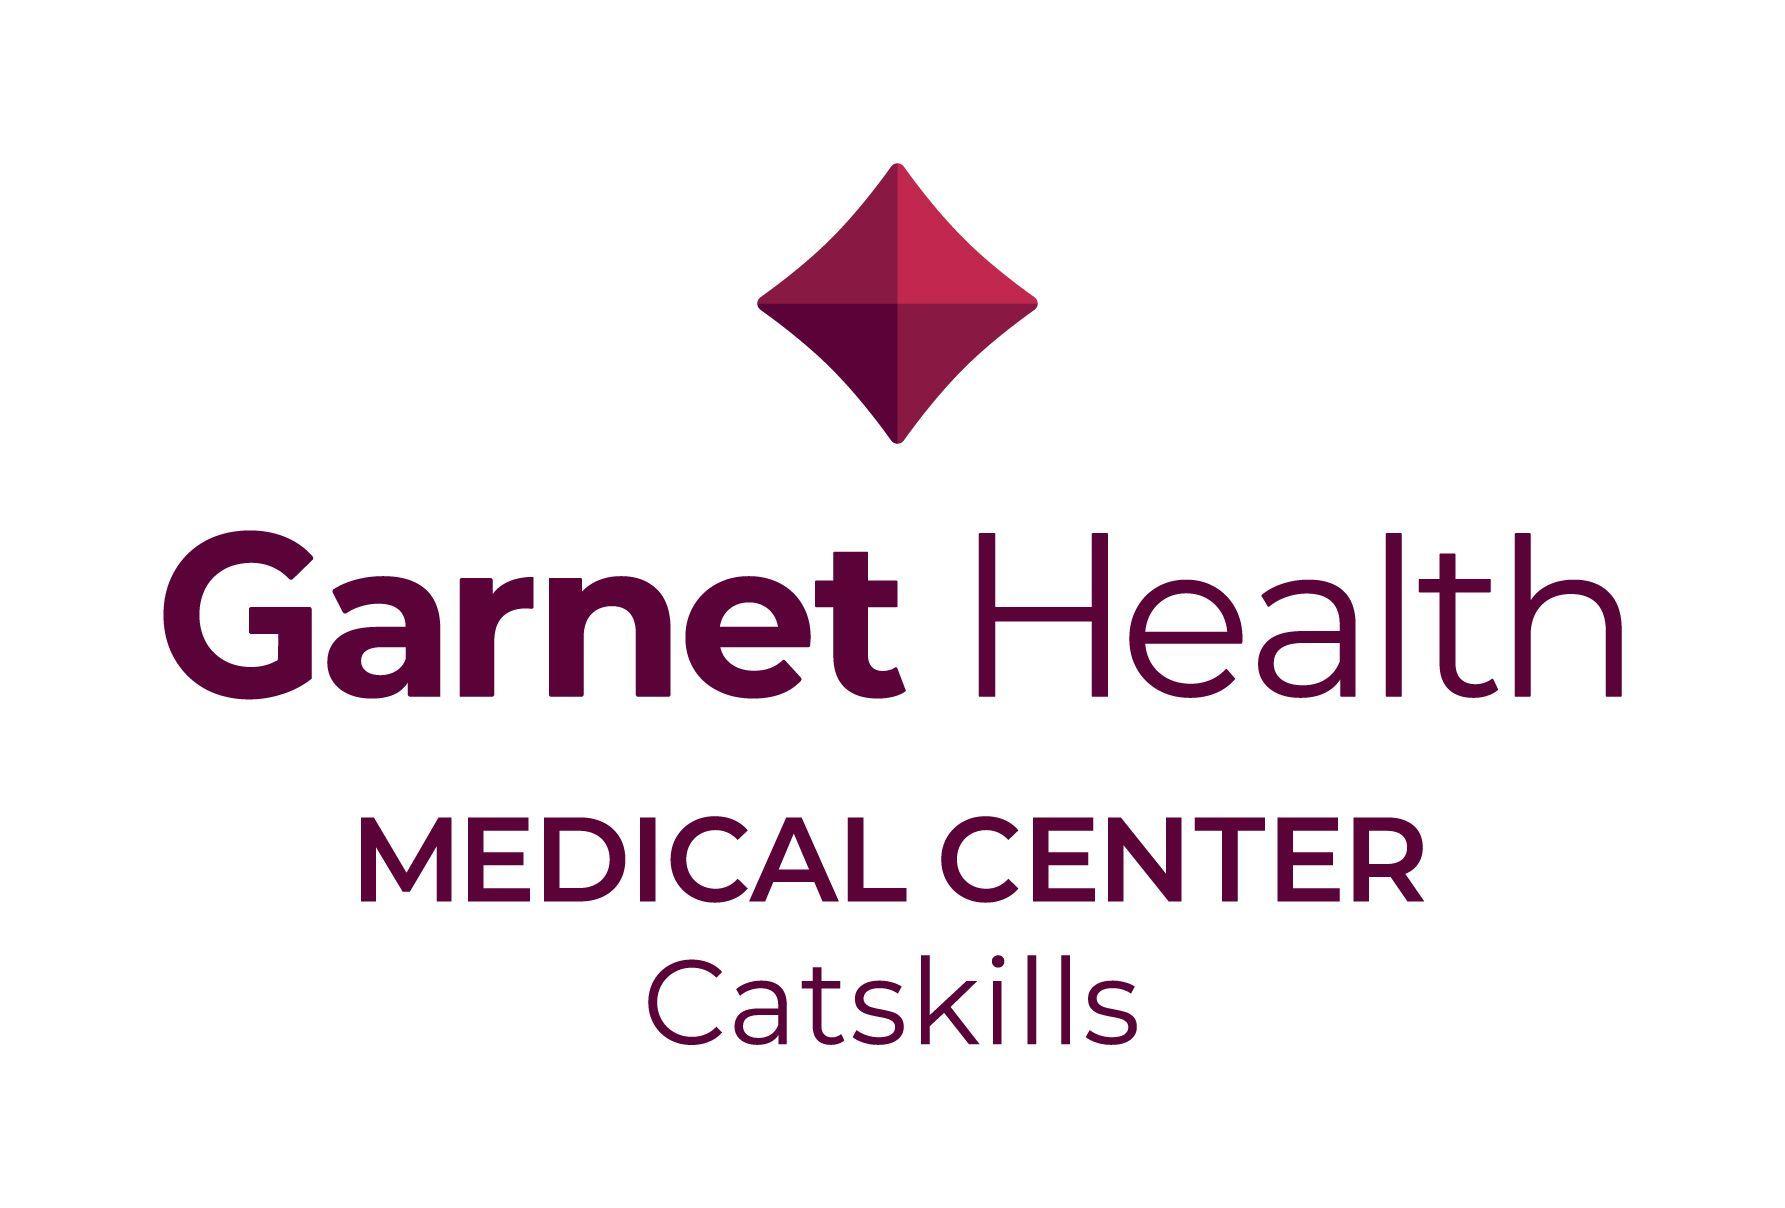 GARENET HEALTH